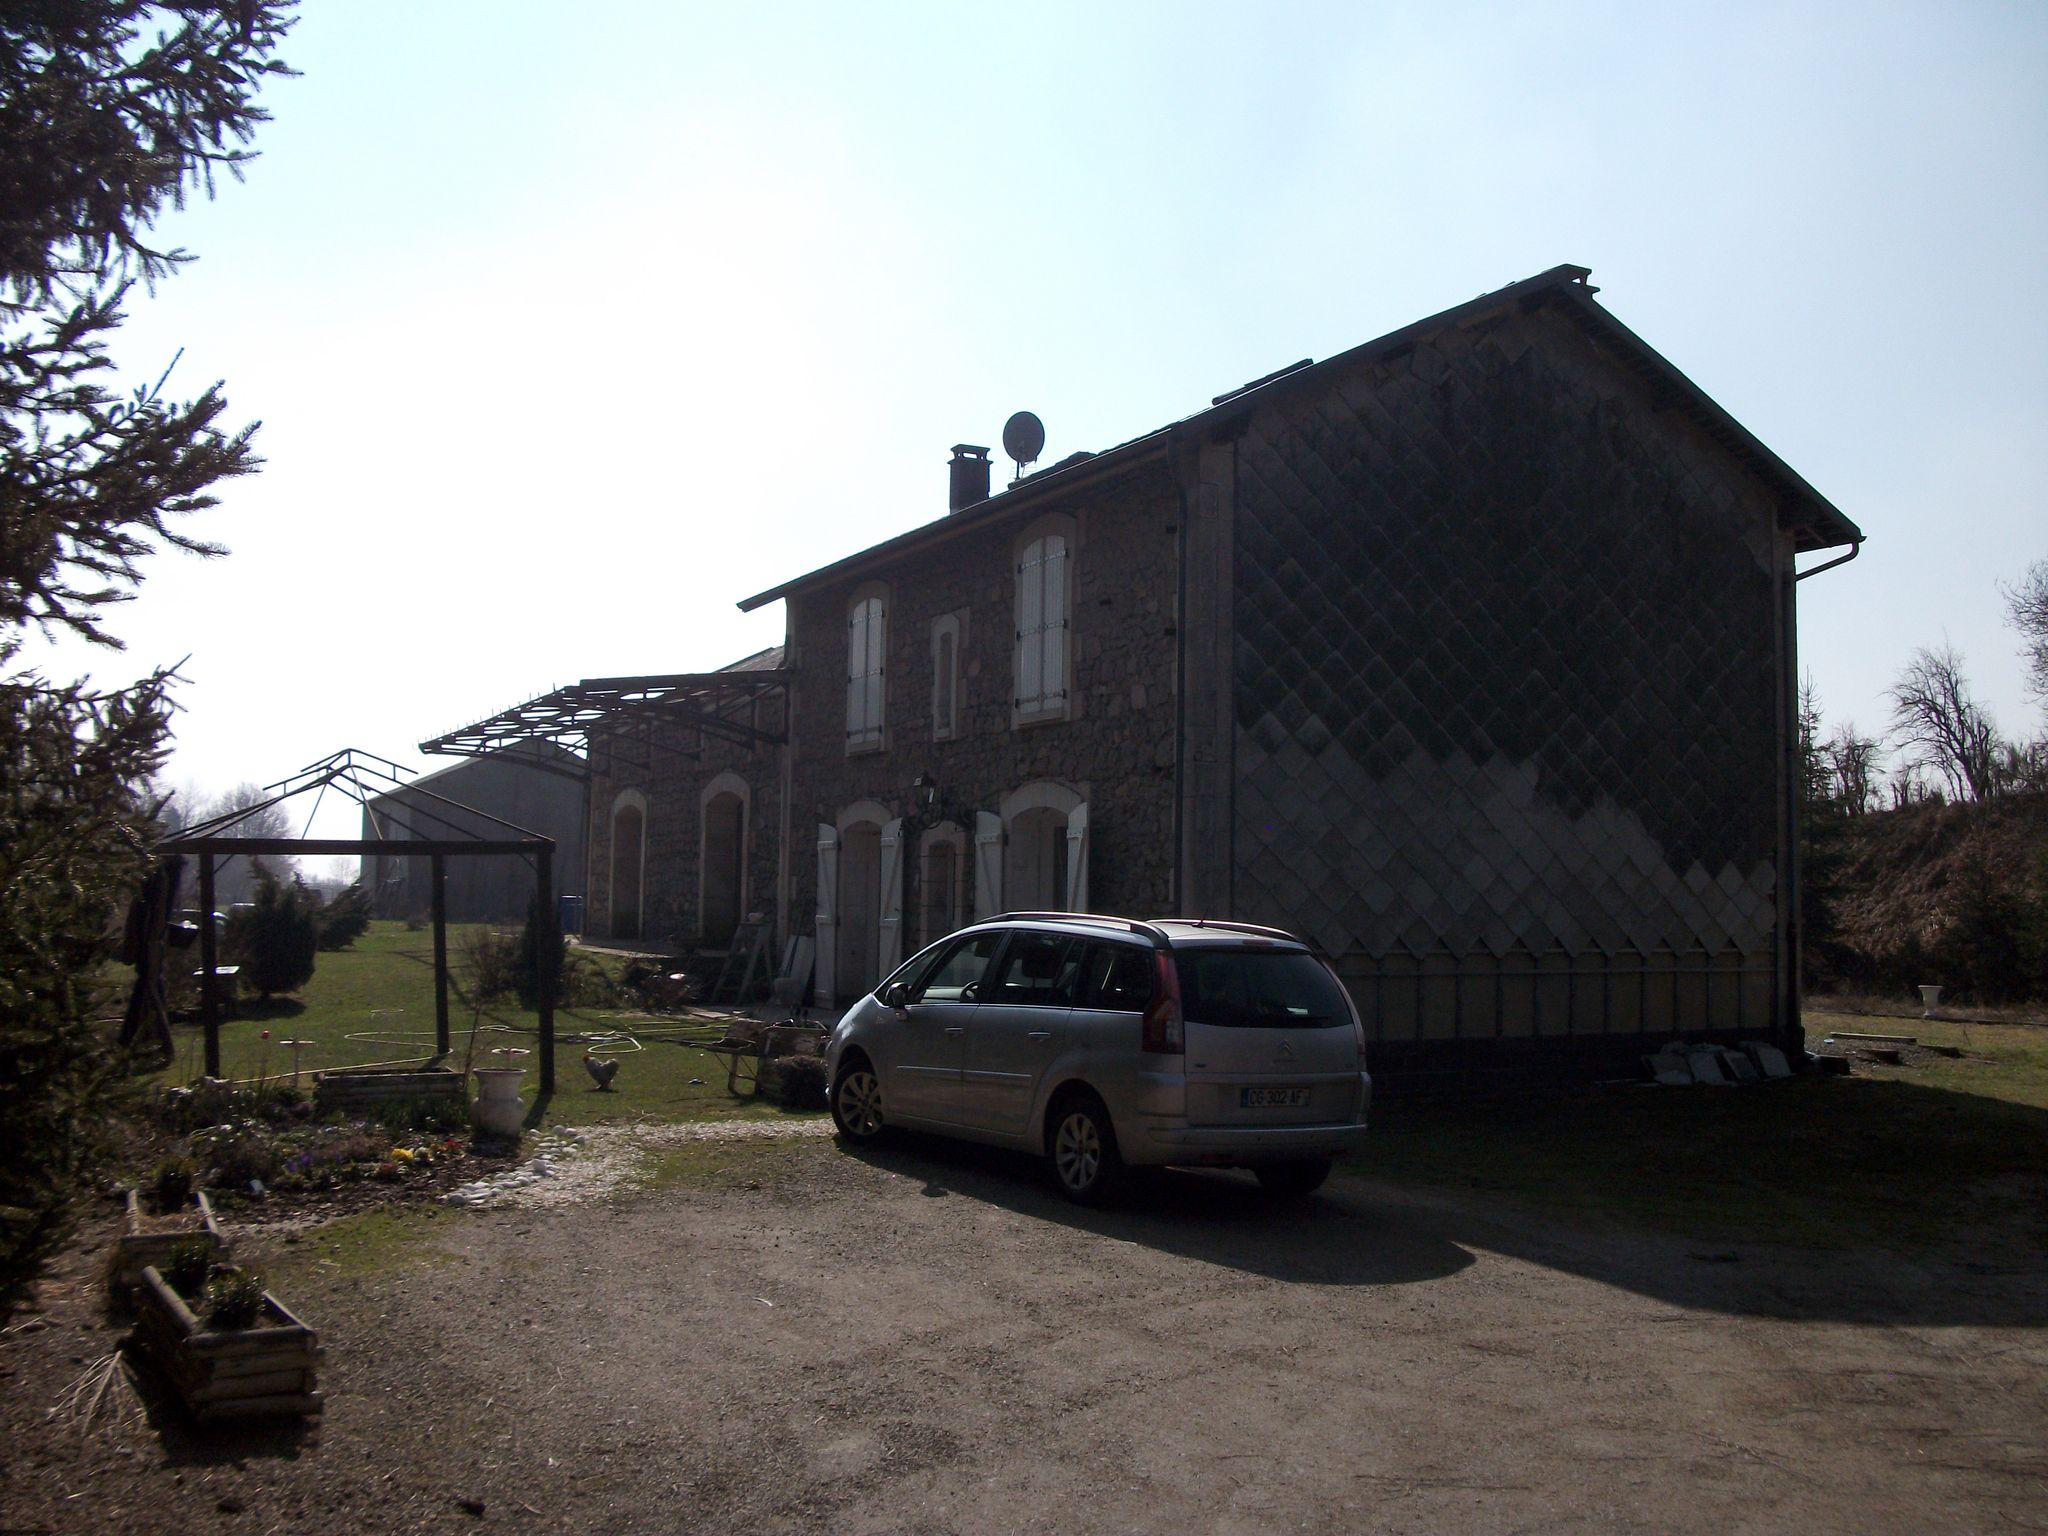 Manzat (Puy-de-Dôme)